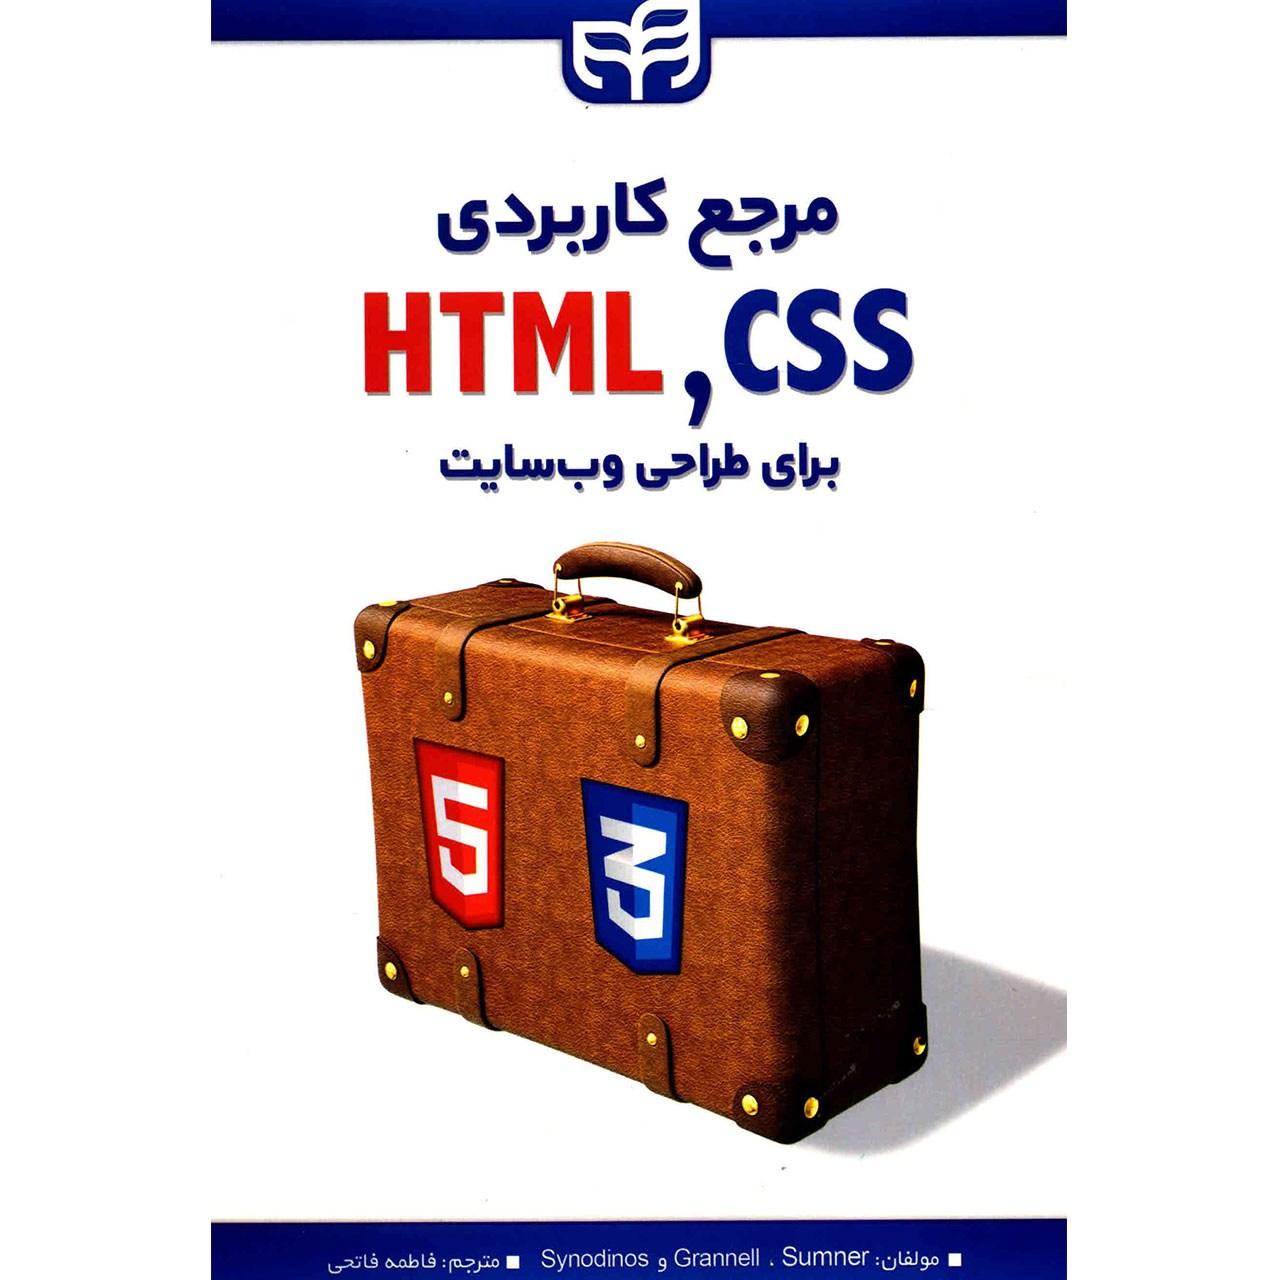 کتاب مرجع کاربردی HTML,CSS برای طراحی وب سایت اثر کریگ گرانل